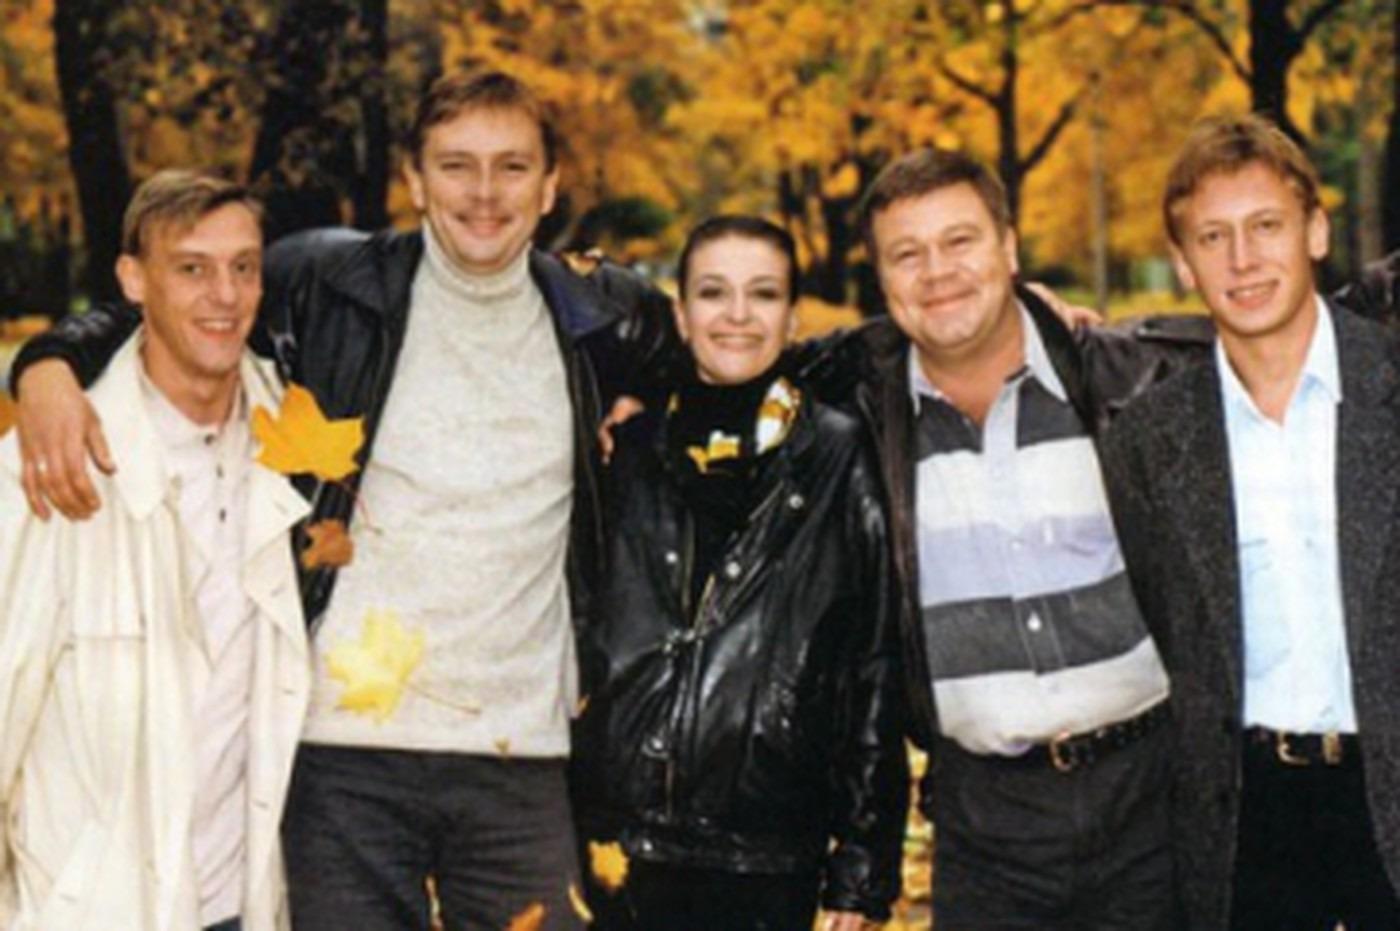 На 24 года моложе: ради юной студентки Селин бросил жену, с которой прожил более 20 лет